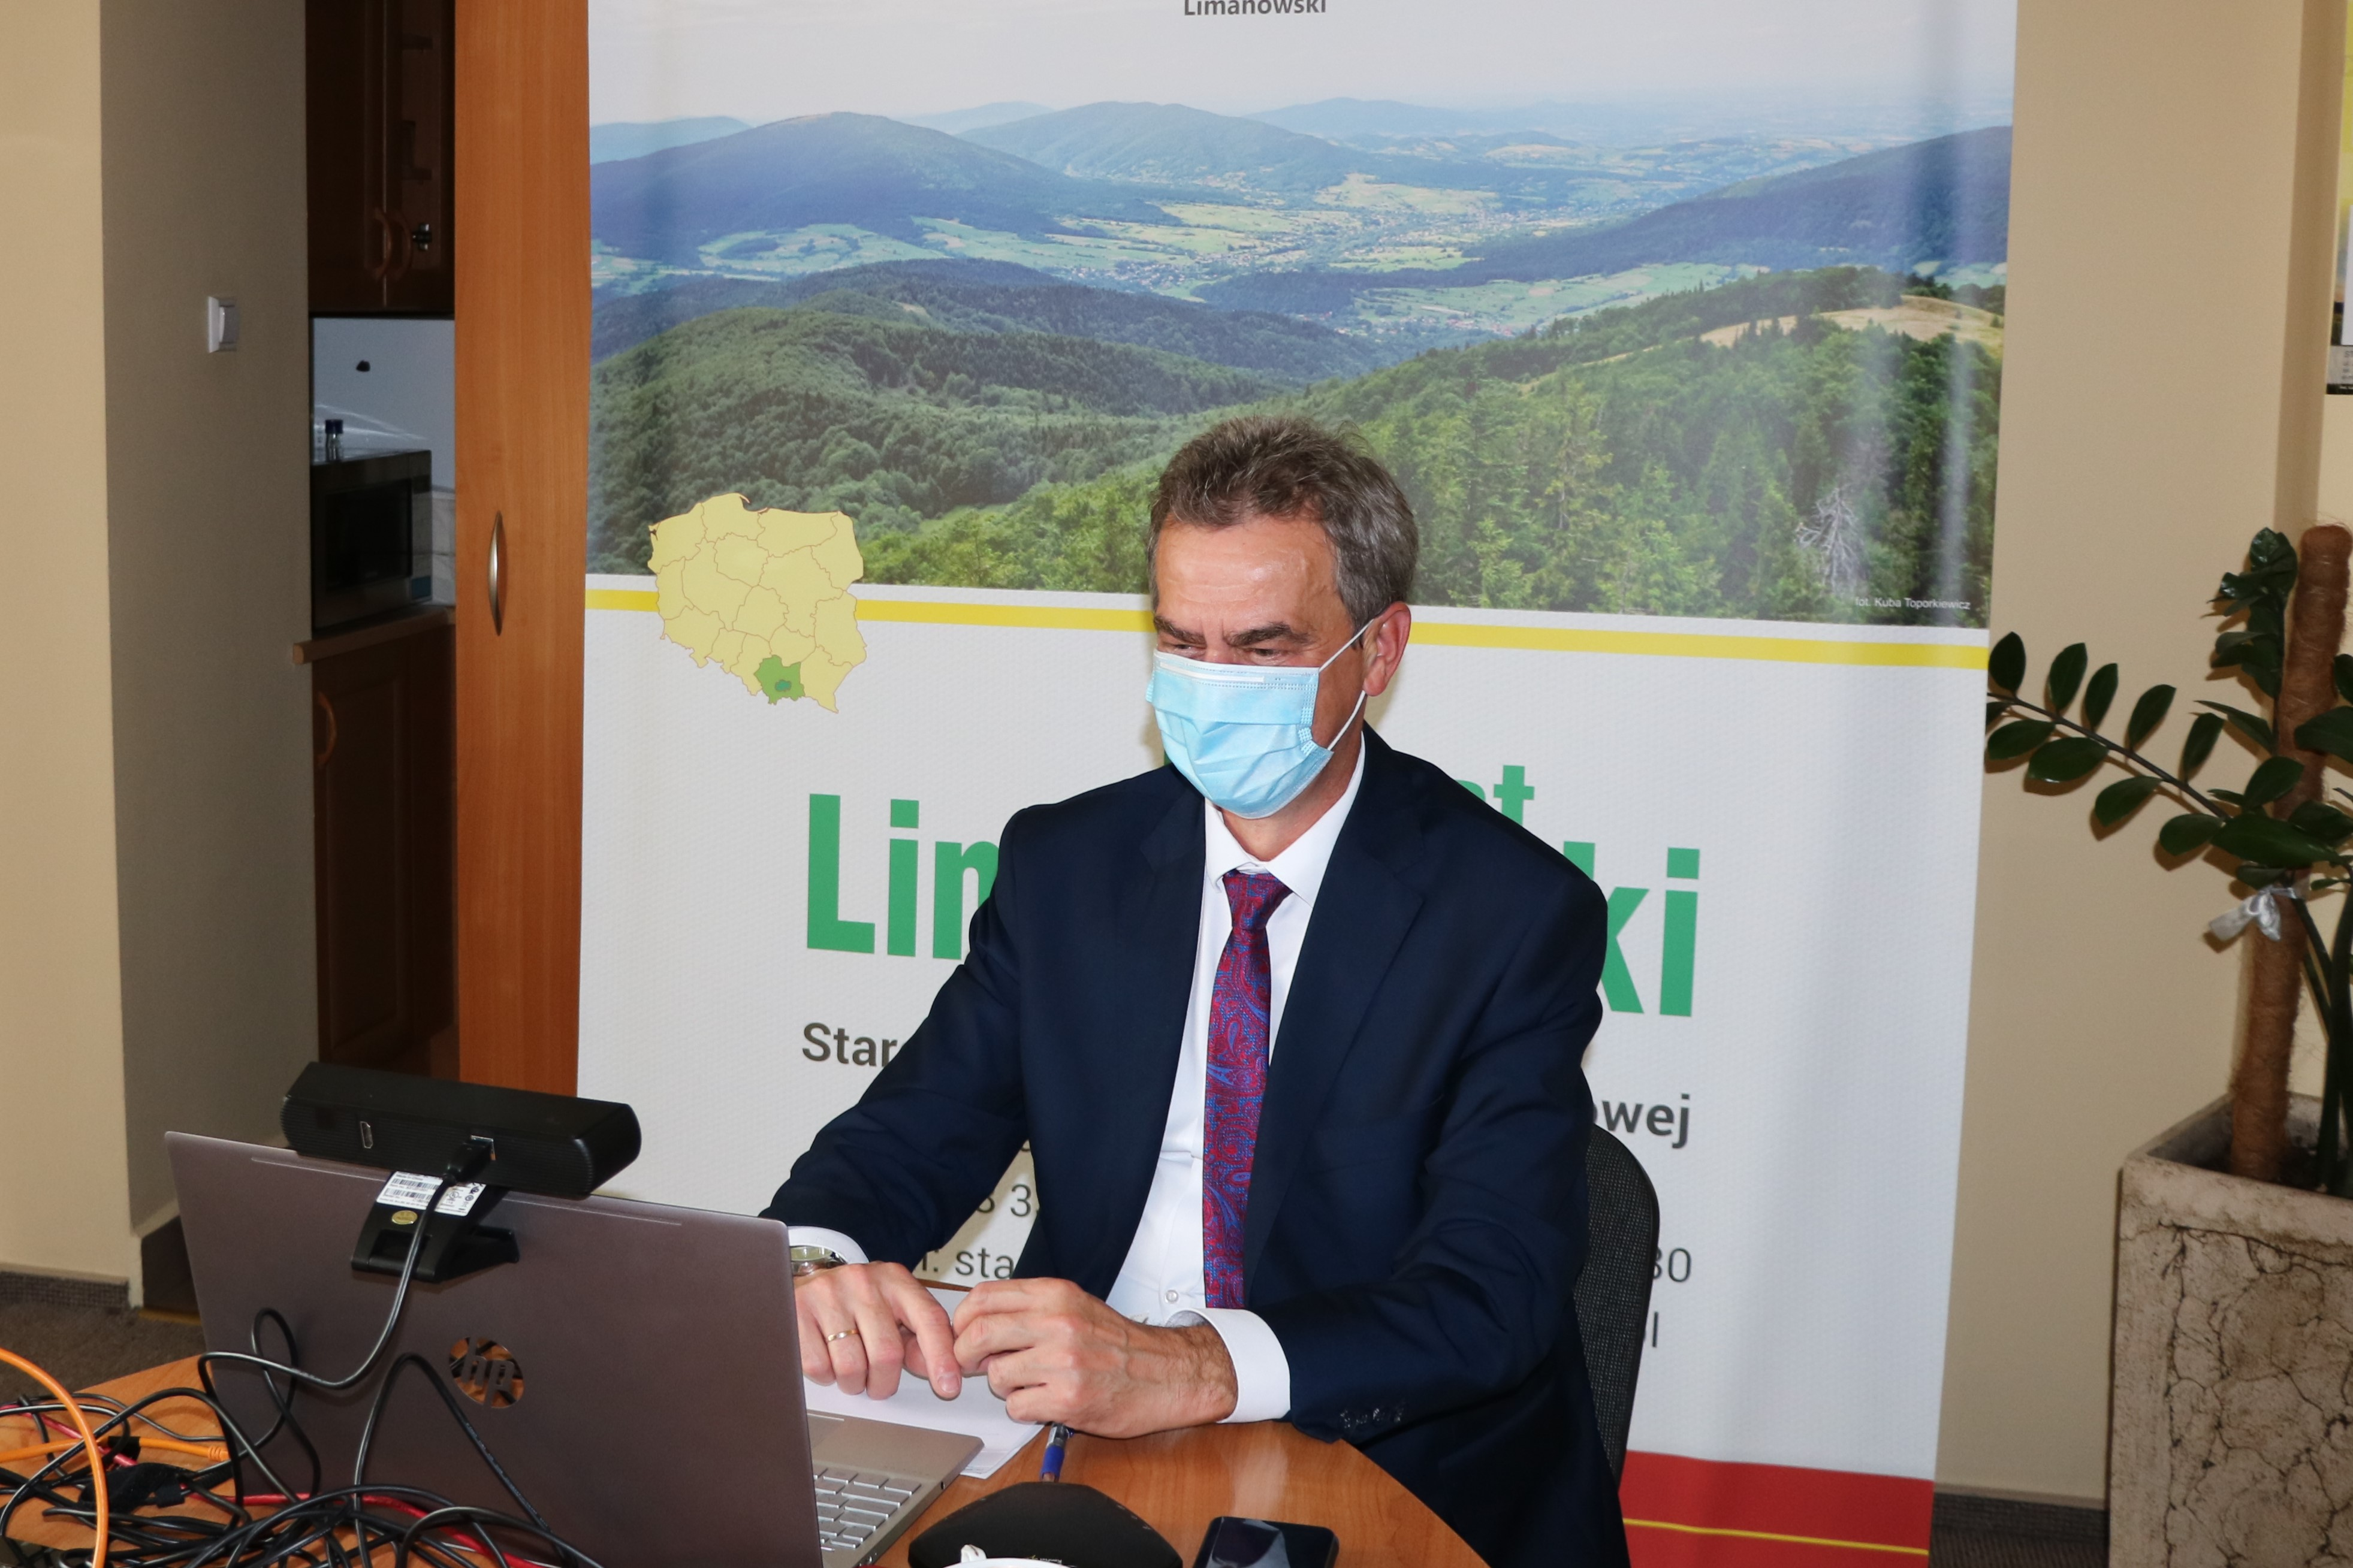 Starosta Limanowski siedzący przed laptoem w sali zarządu podczas konwentu przerowadzanego online.